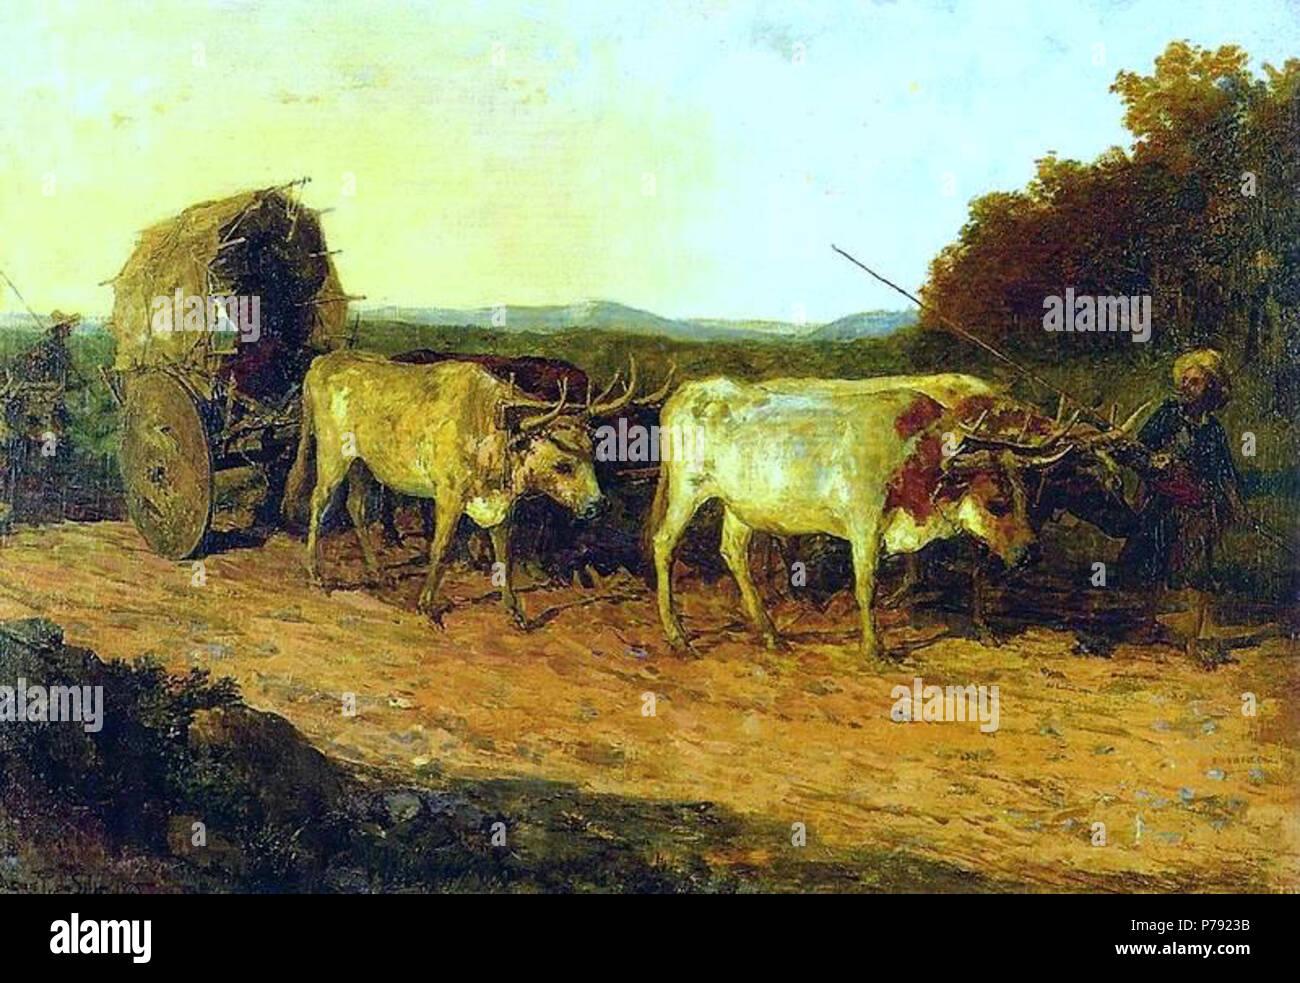 Carro In English >> Portugues Carro De Bois English Bullock Cart 1925 45 Oscar Pereira